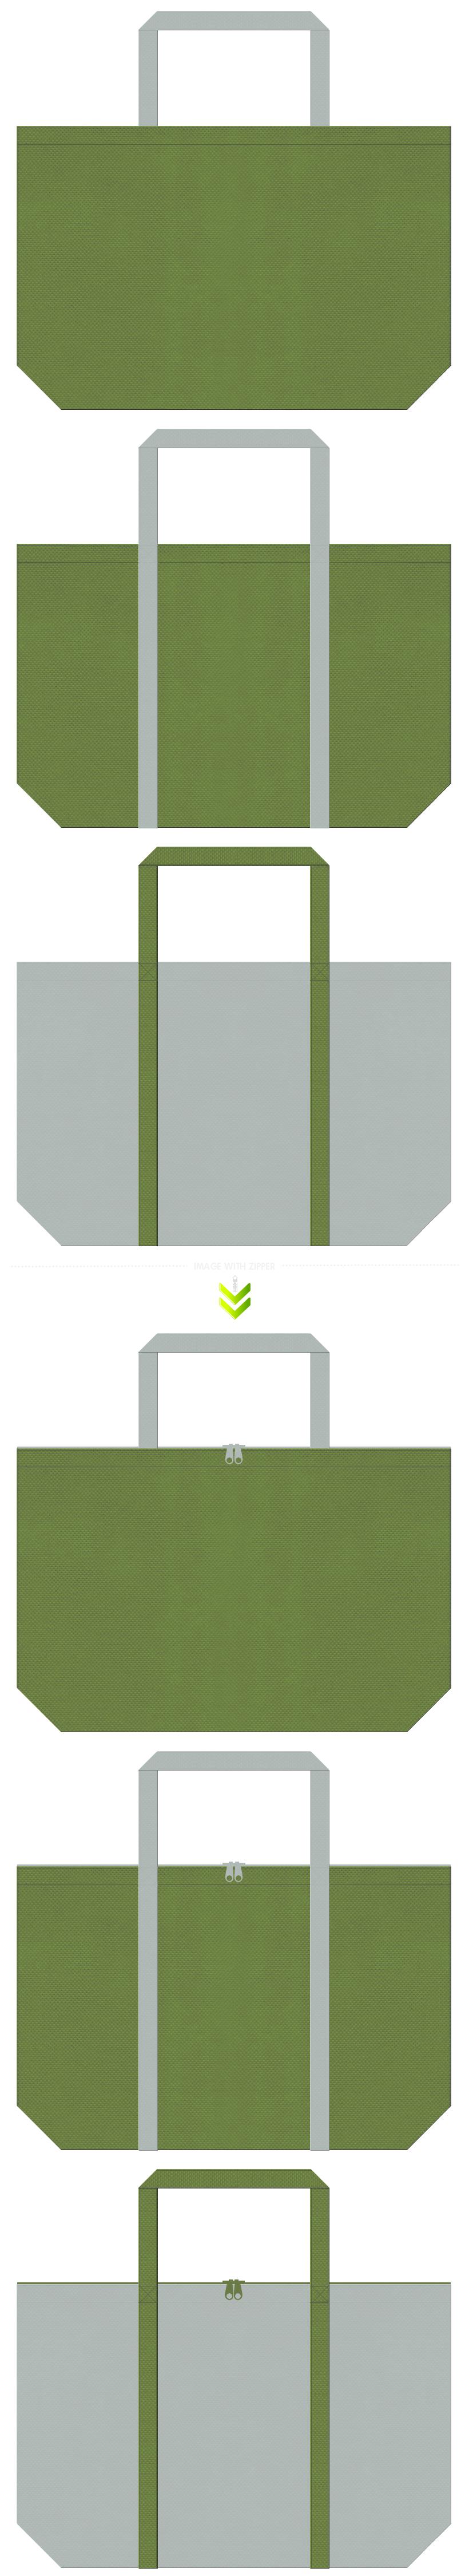 草色とグレー色の不織布エコバッグのデザイン。和風建築・エクステリアのイメージにお奨めです。